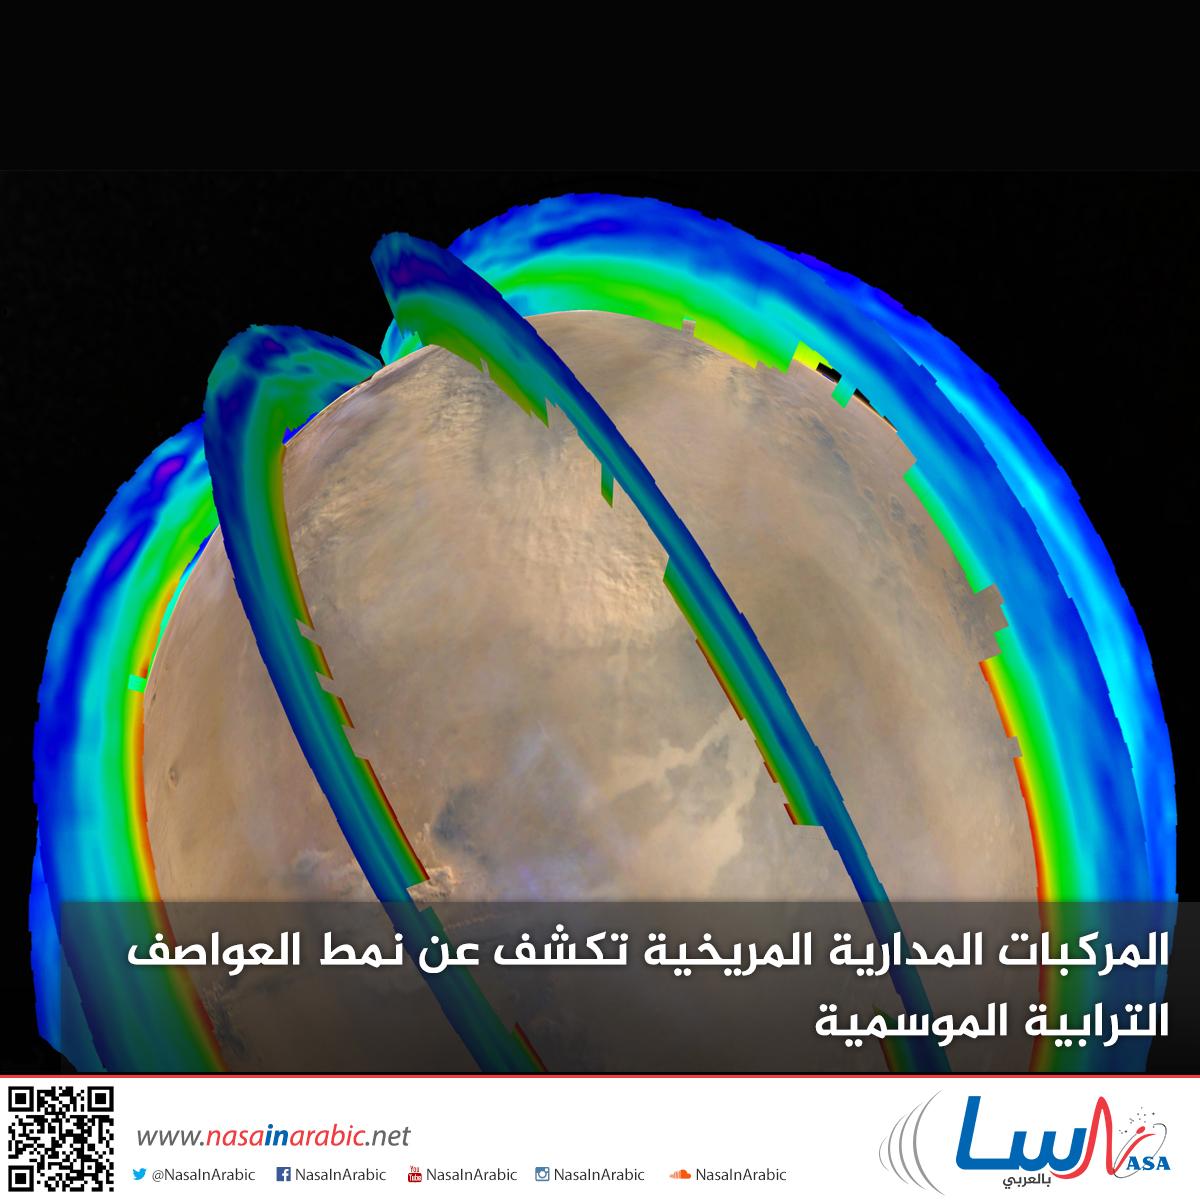 المركبات المدارية المريخية تكشف عن نمط العواصف الترابية الموسمية